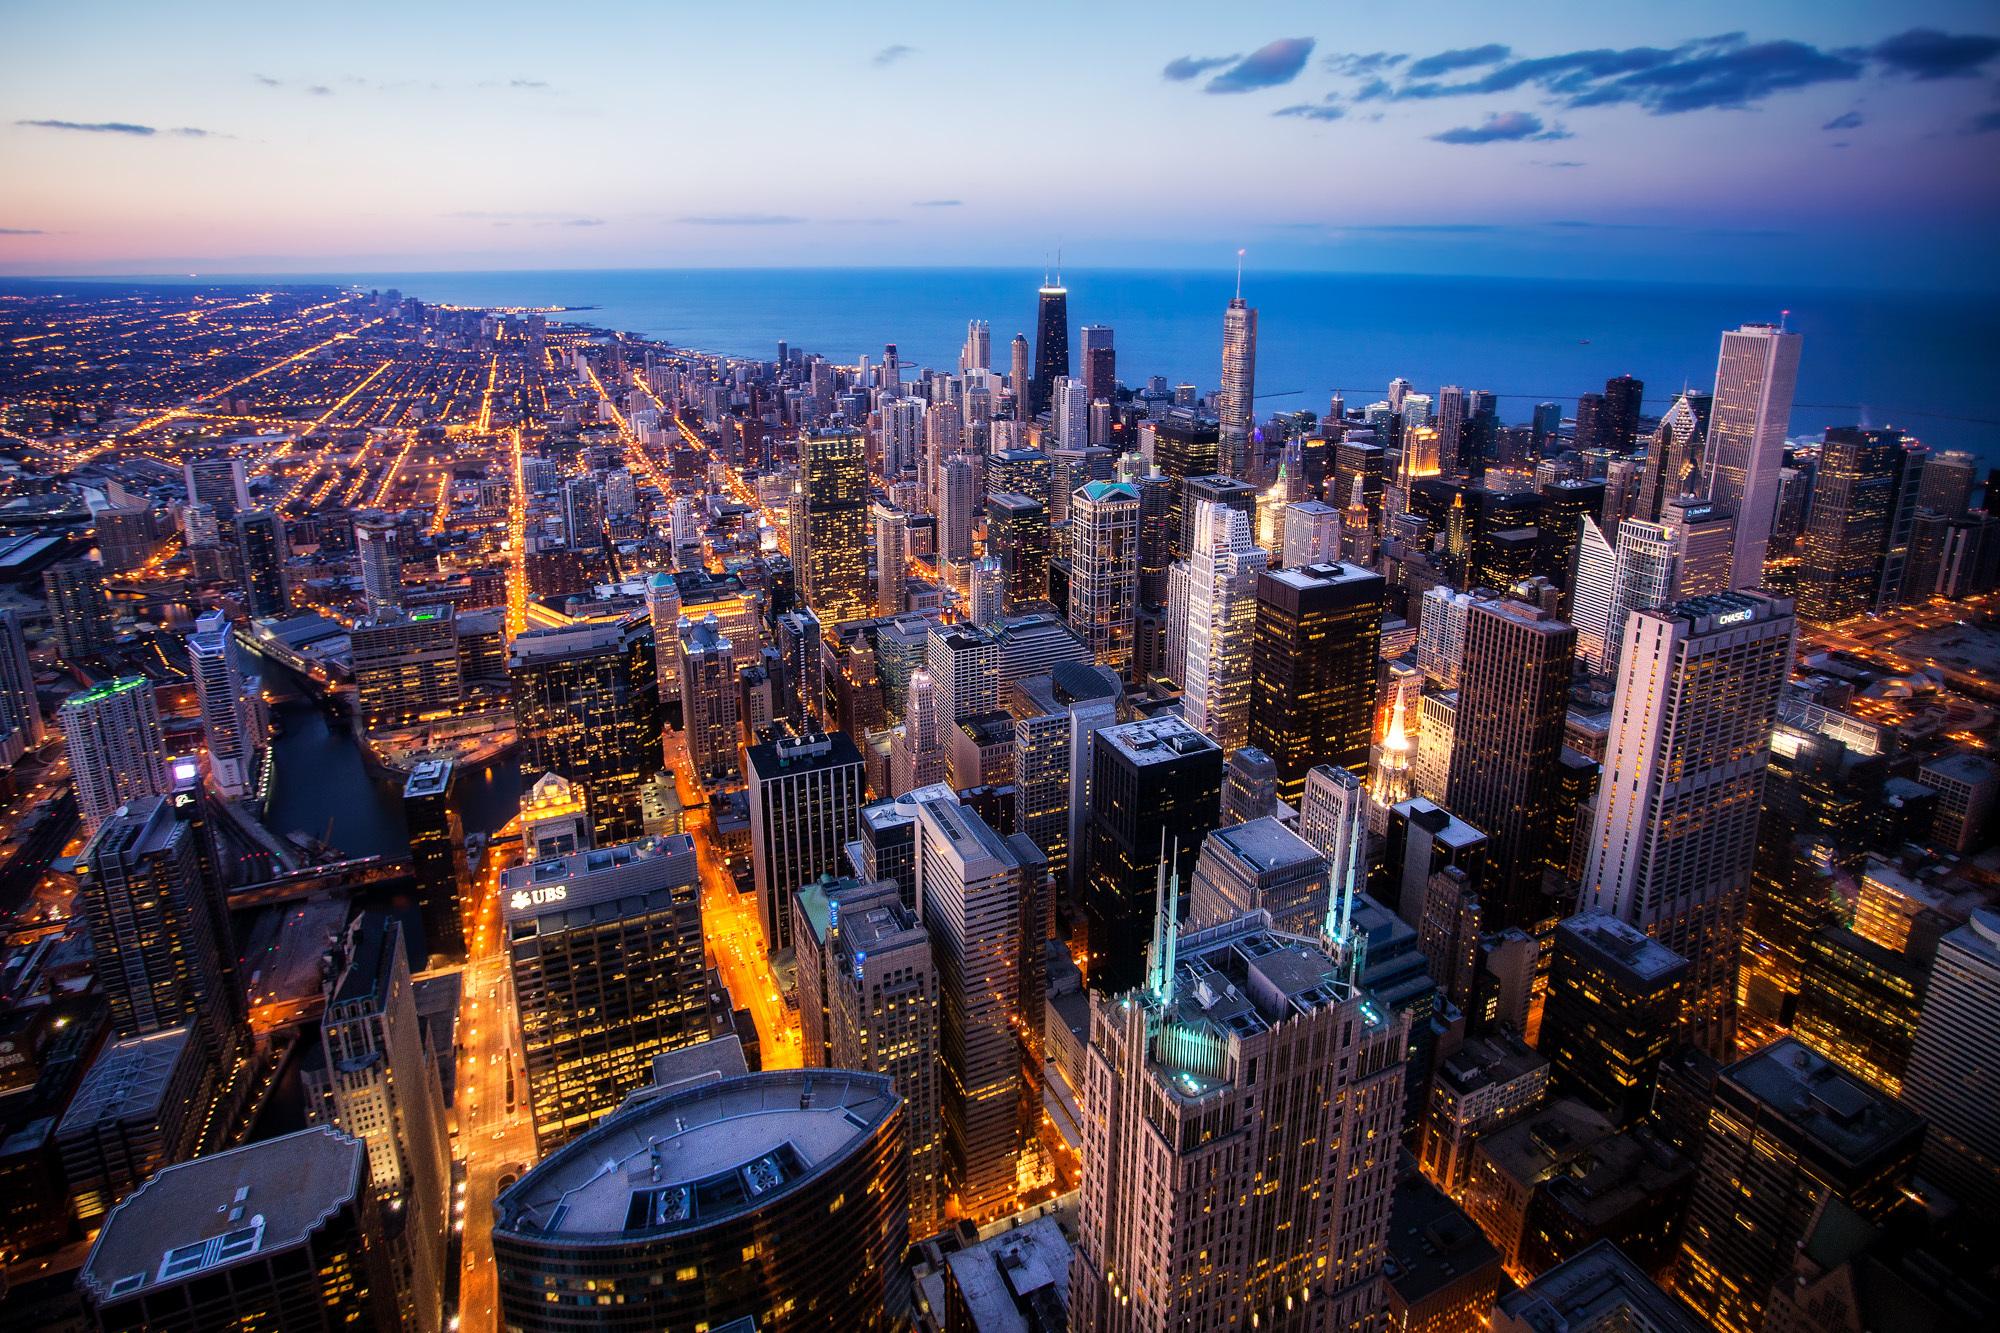 芝加哥俯瞰图